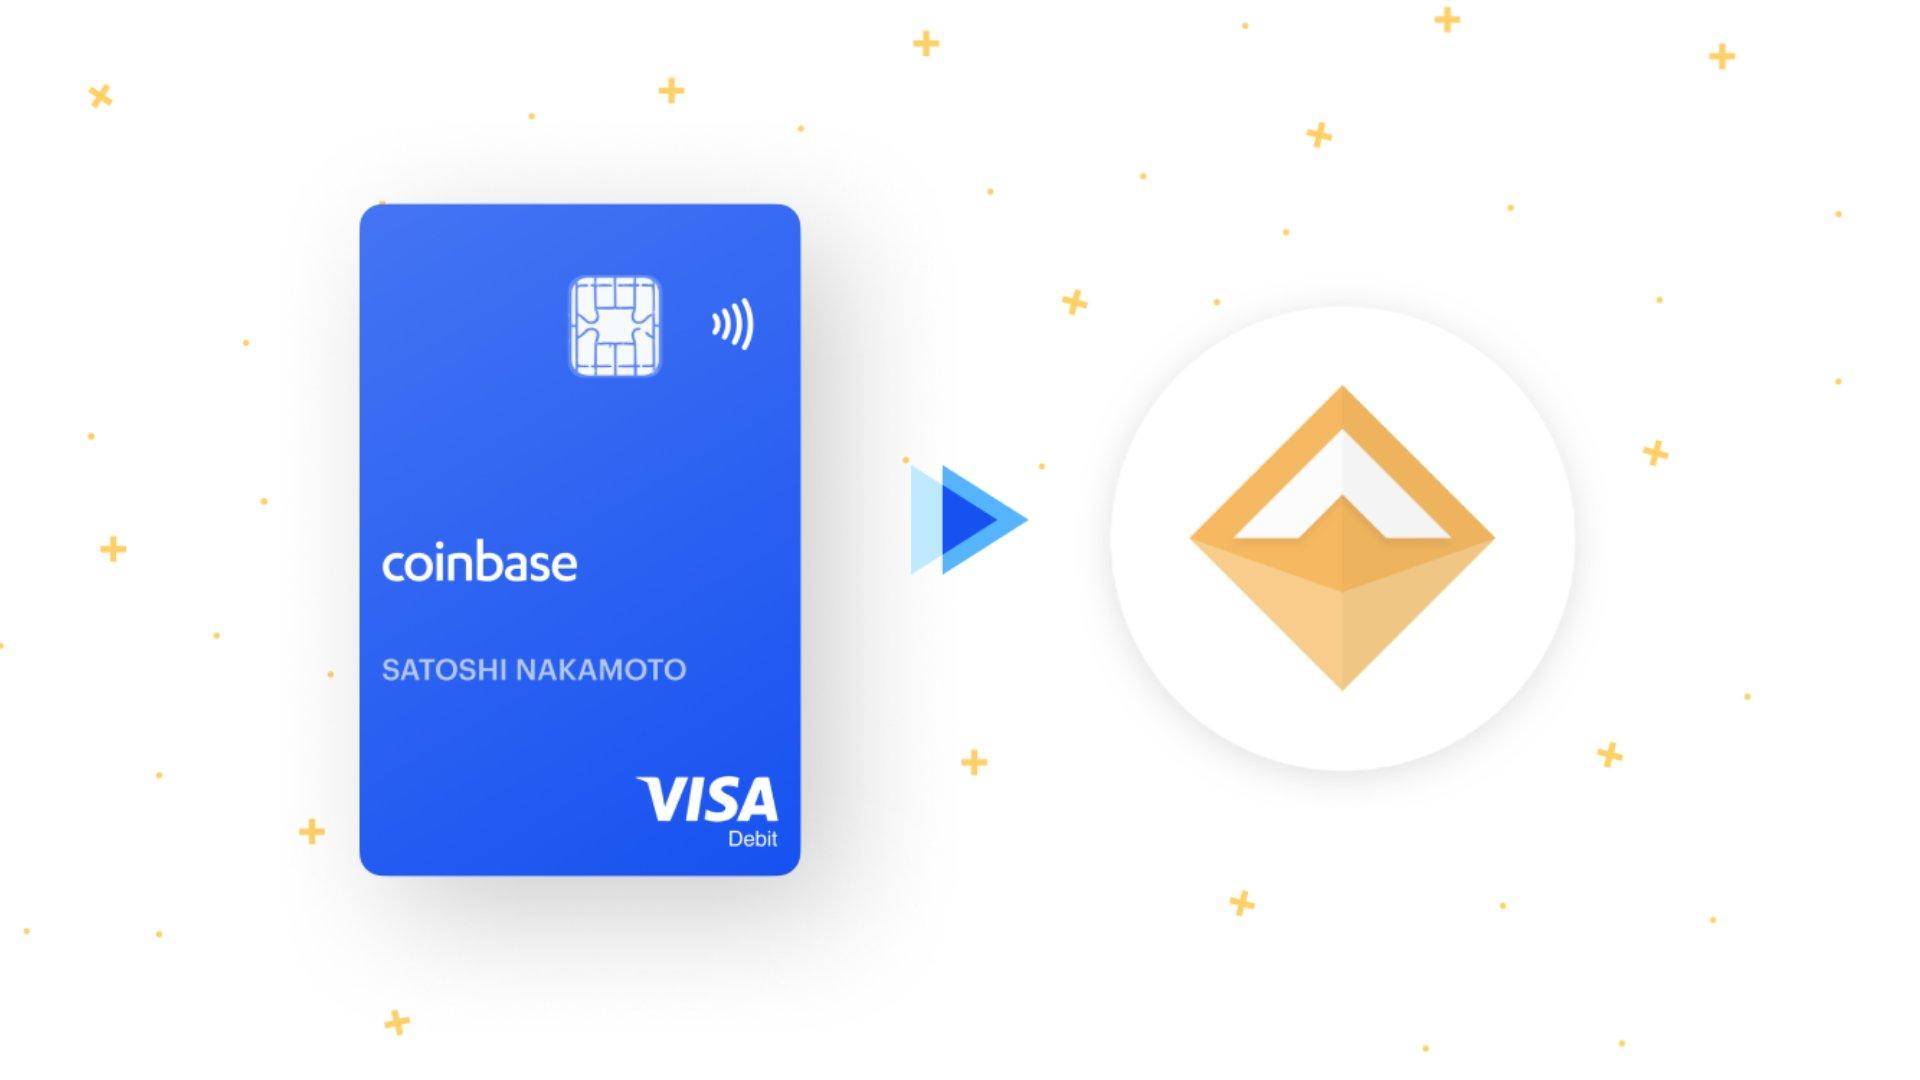 Coinbase Card aggiunge il supporto a DAI